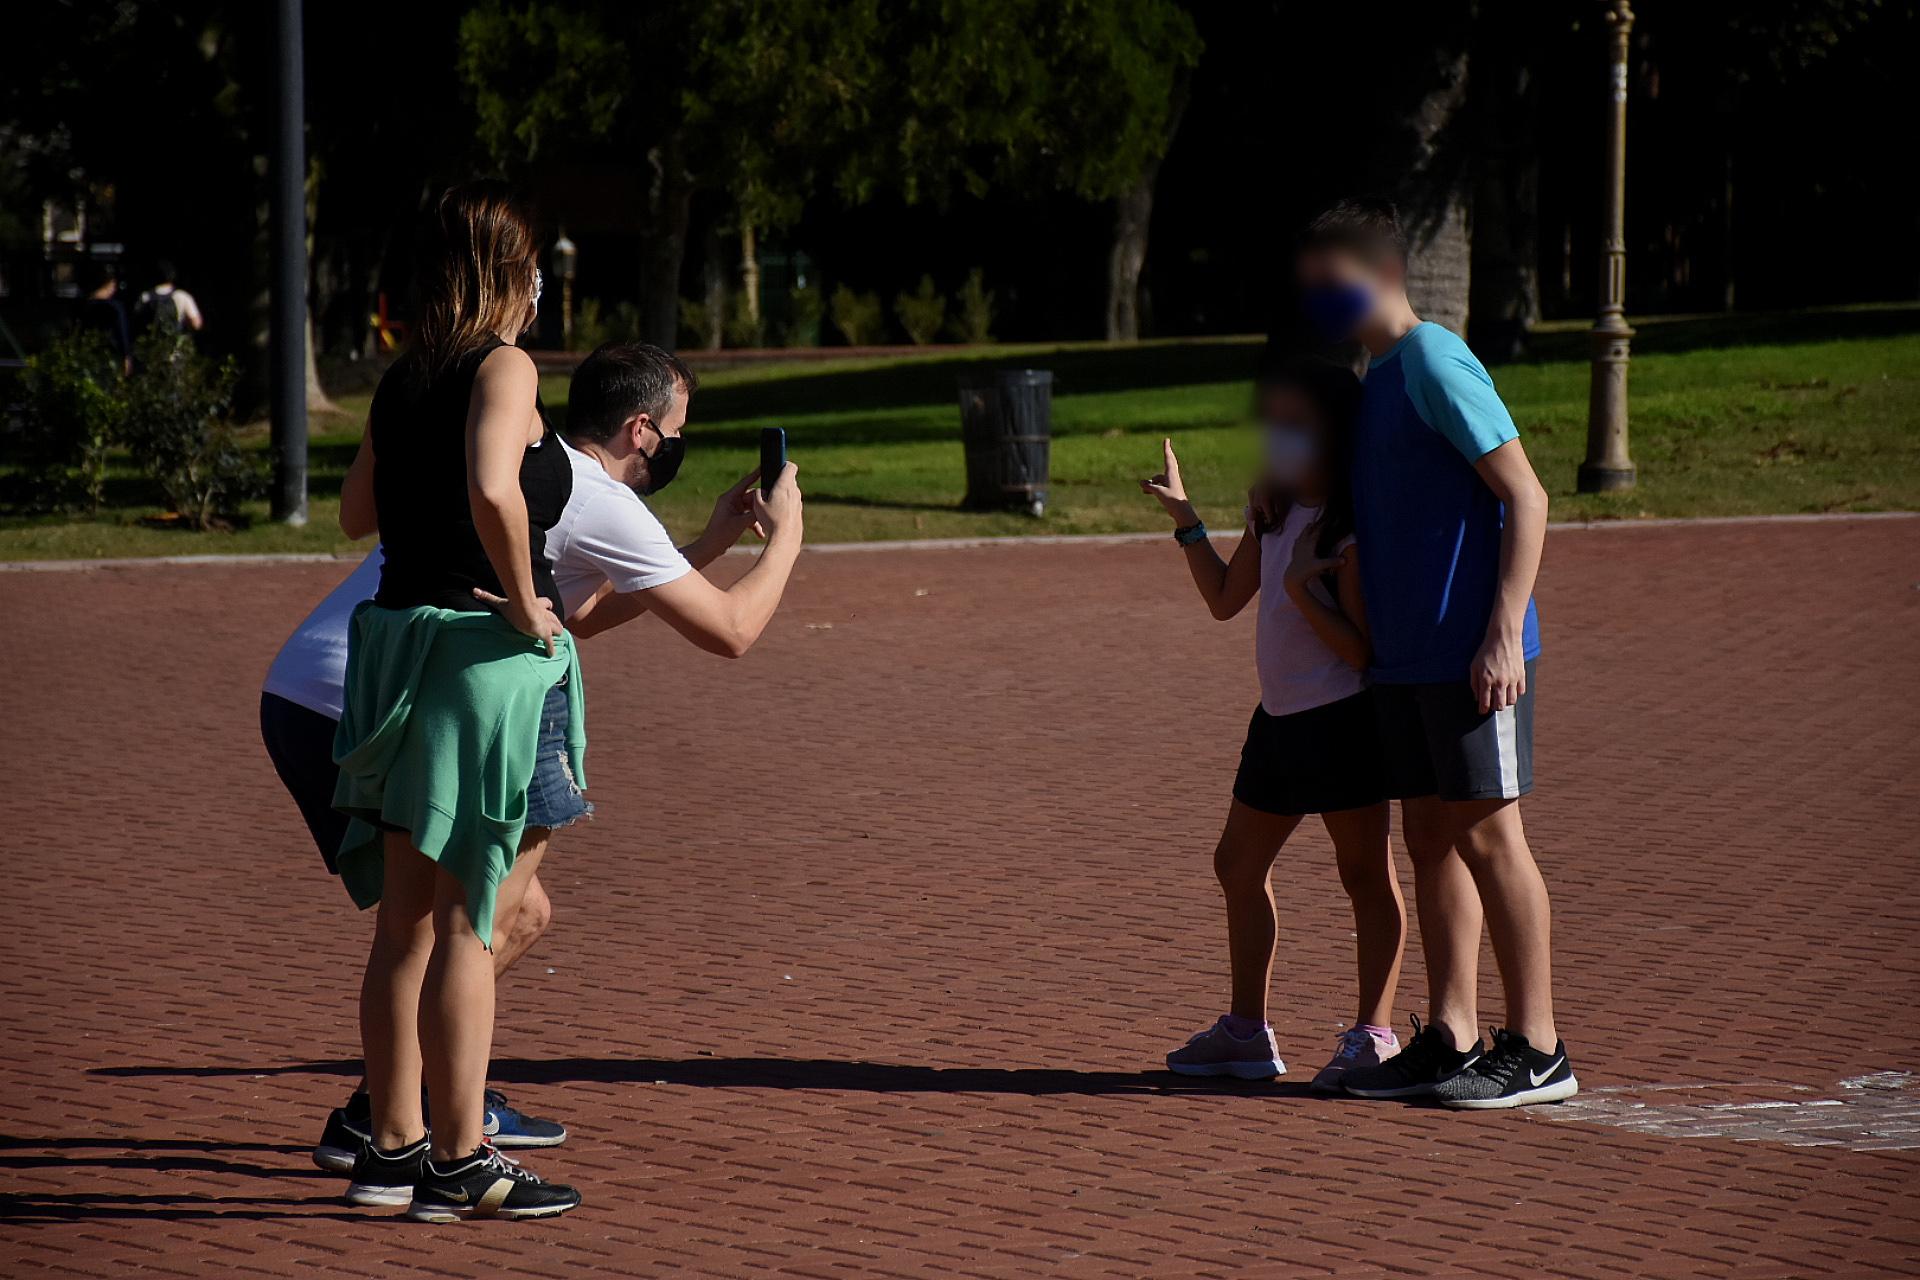 Después de muchos días encerrados, los niños aprovecharon para sacar fotos en sus paseos